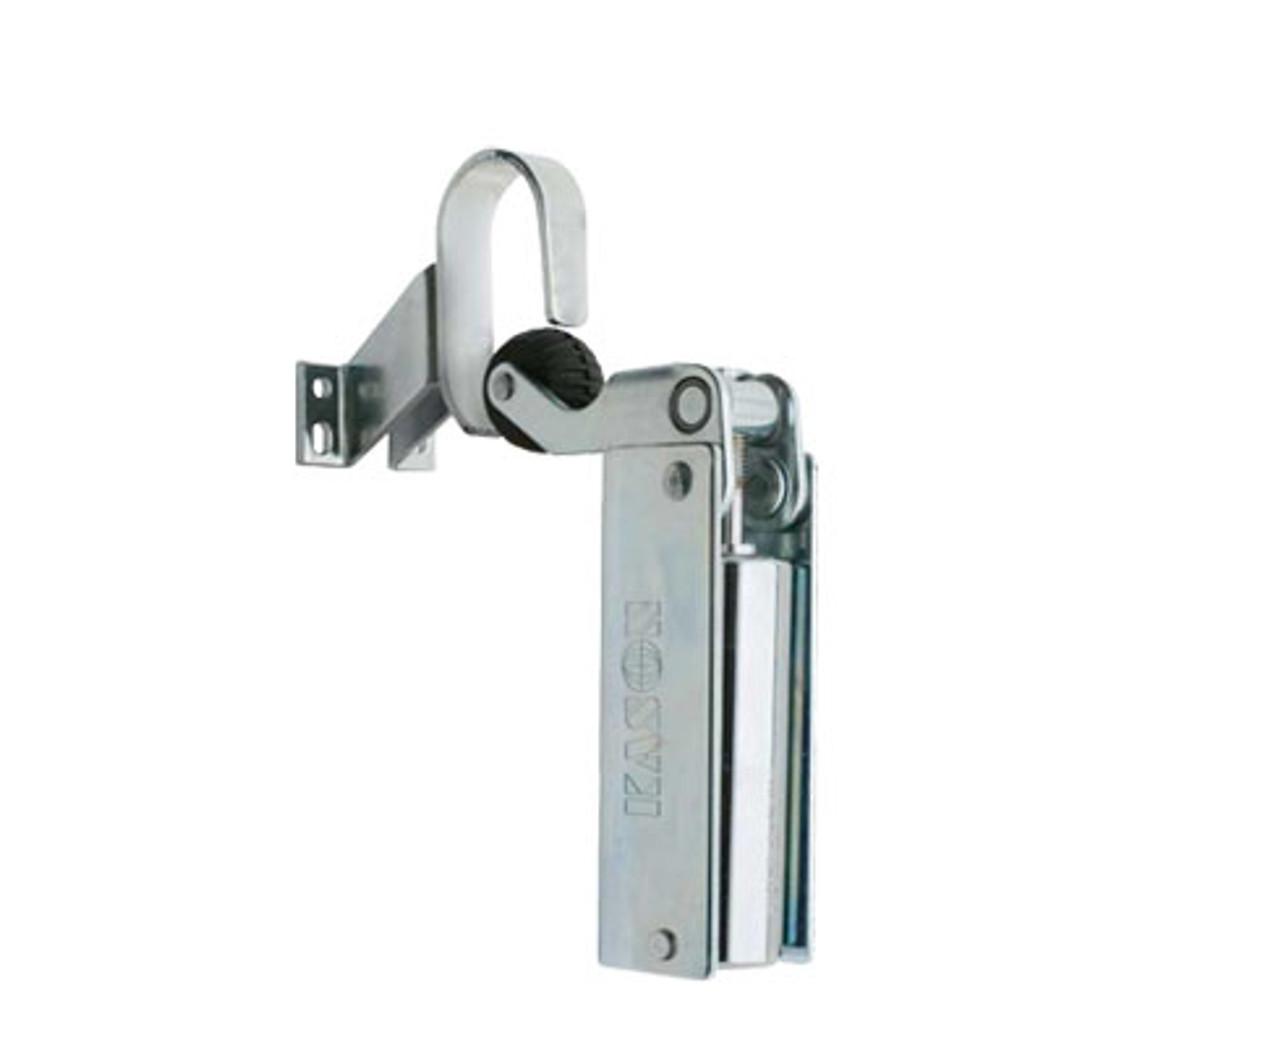 kason-1092-series-door-closer-11092000004-11092000008